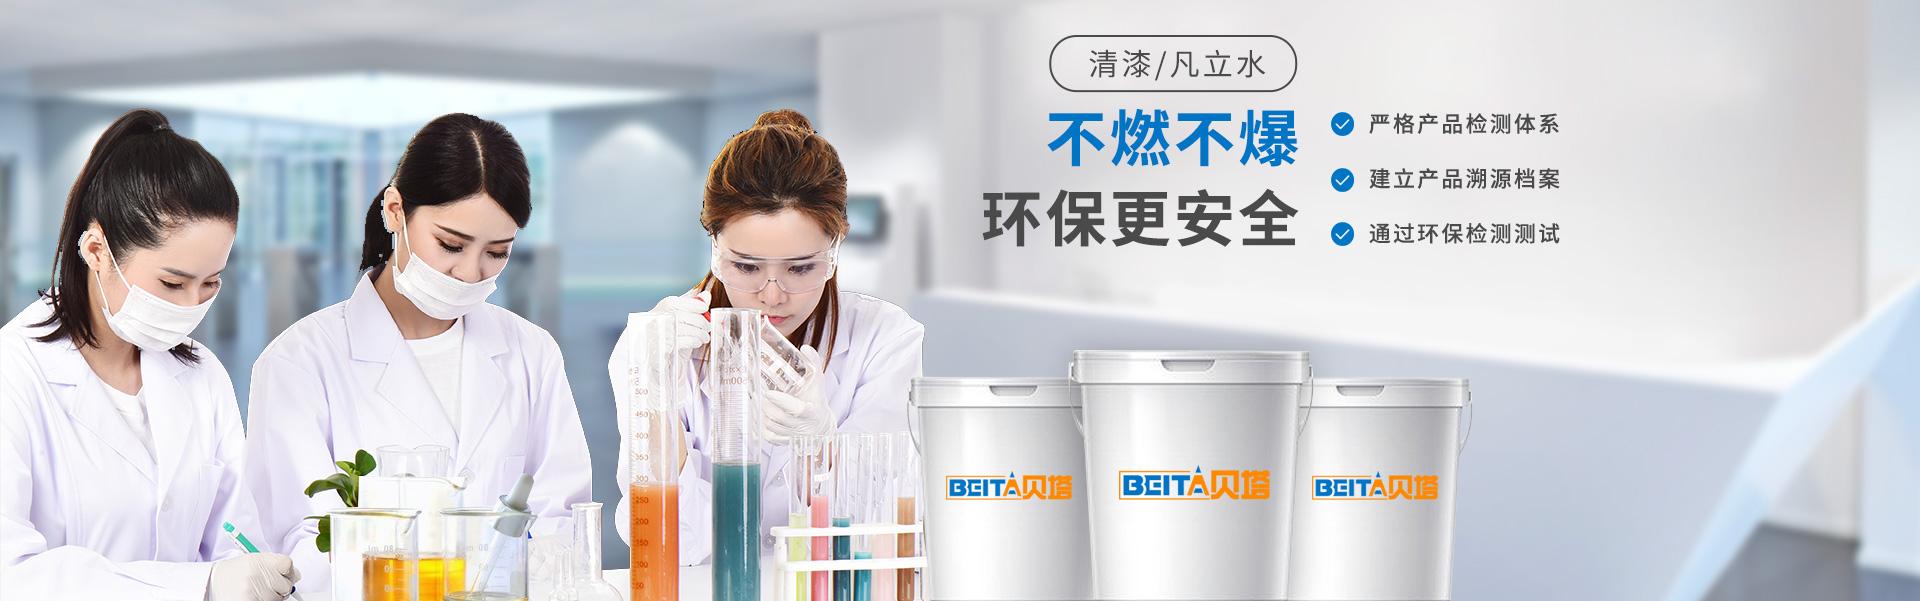 贝塔科技-清漆/三防漆,不燃不爆,环保更安全